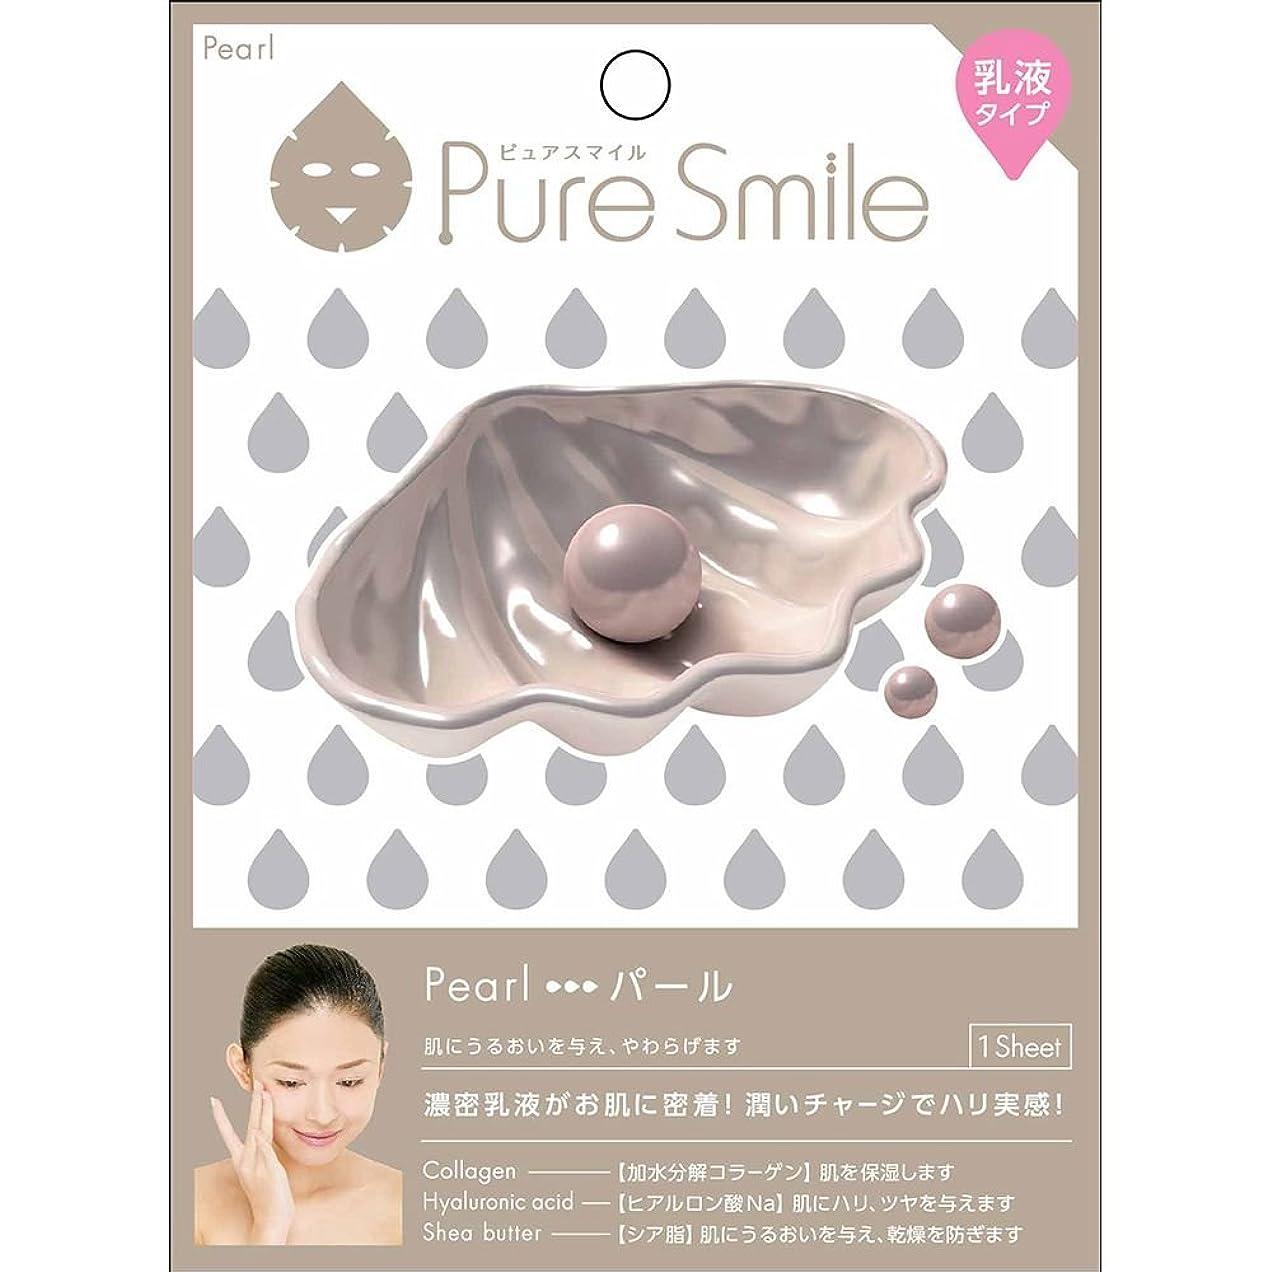 パラメータ嫌い豆腐Pure Smile(ピュアスマイル) 乳液エッセンスマスク 1 枚 パール